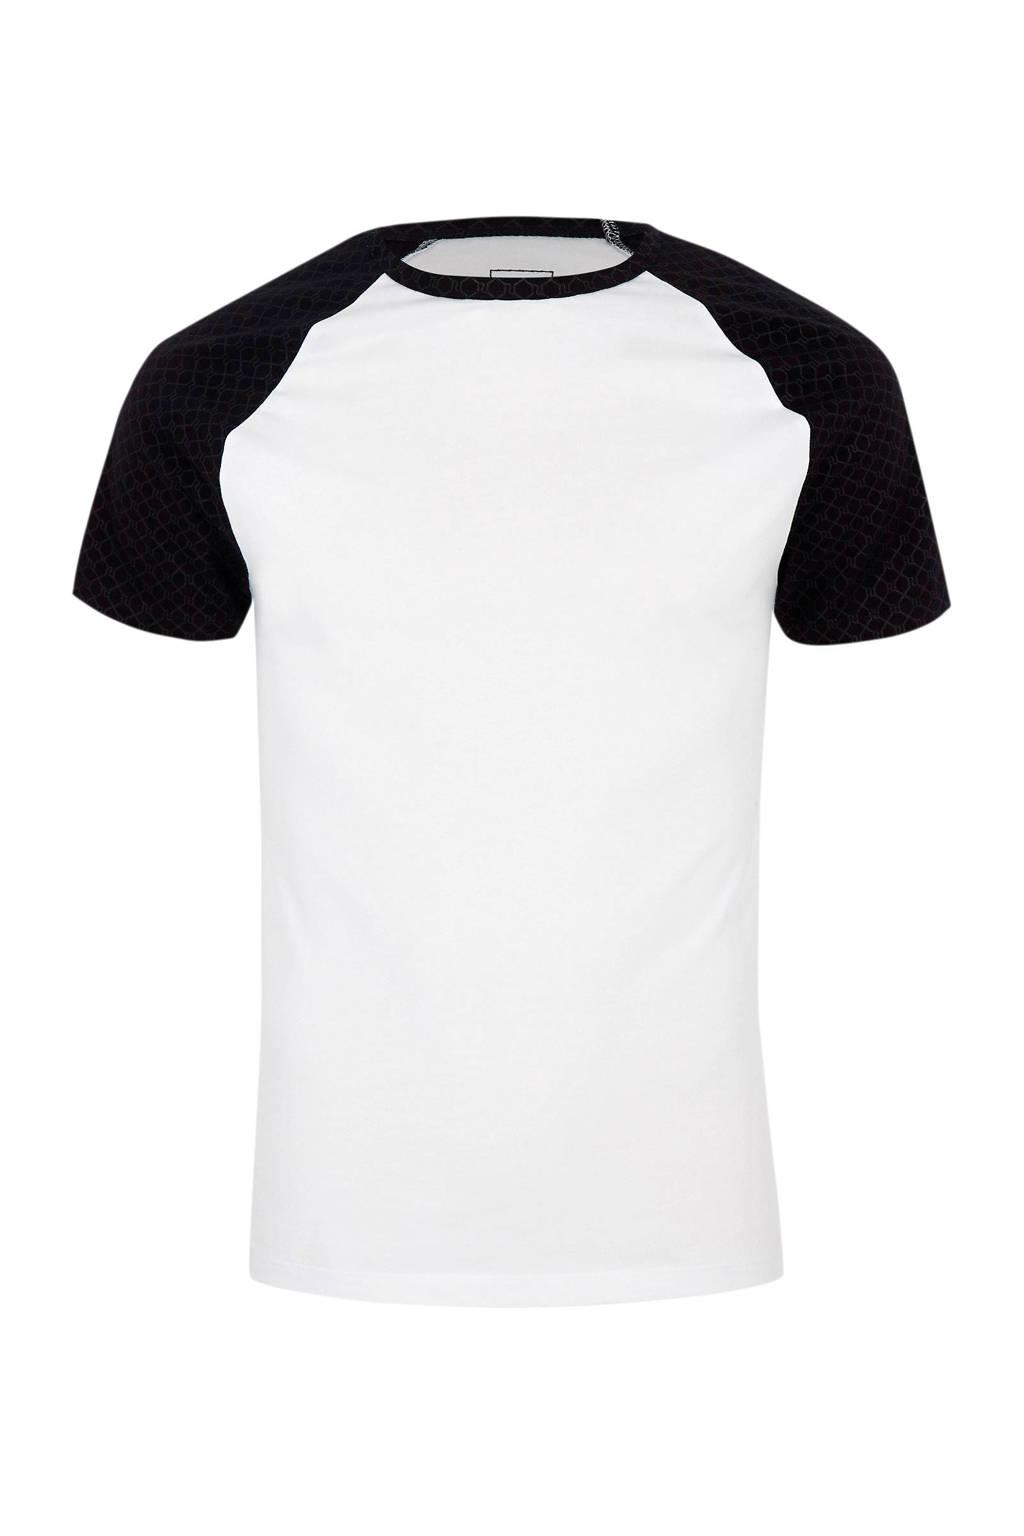 River Island T-shirt met contrast mouw, Wit/zwart